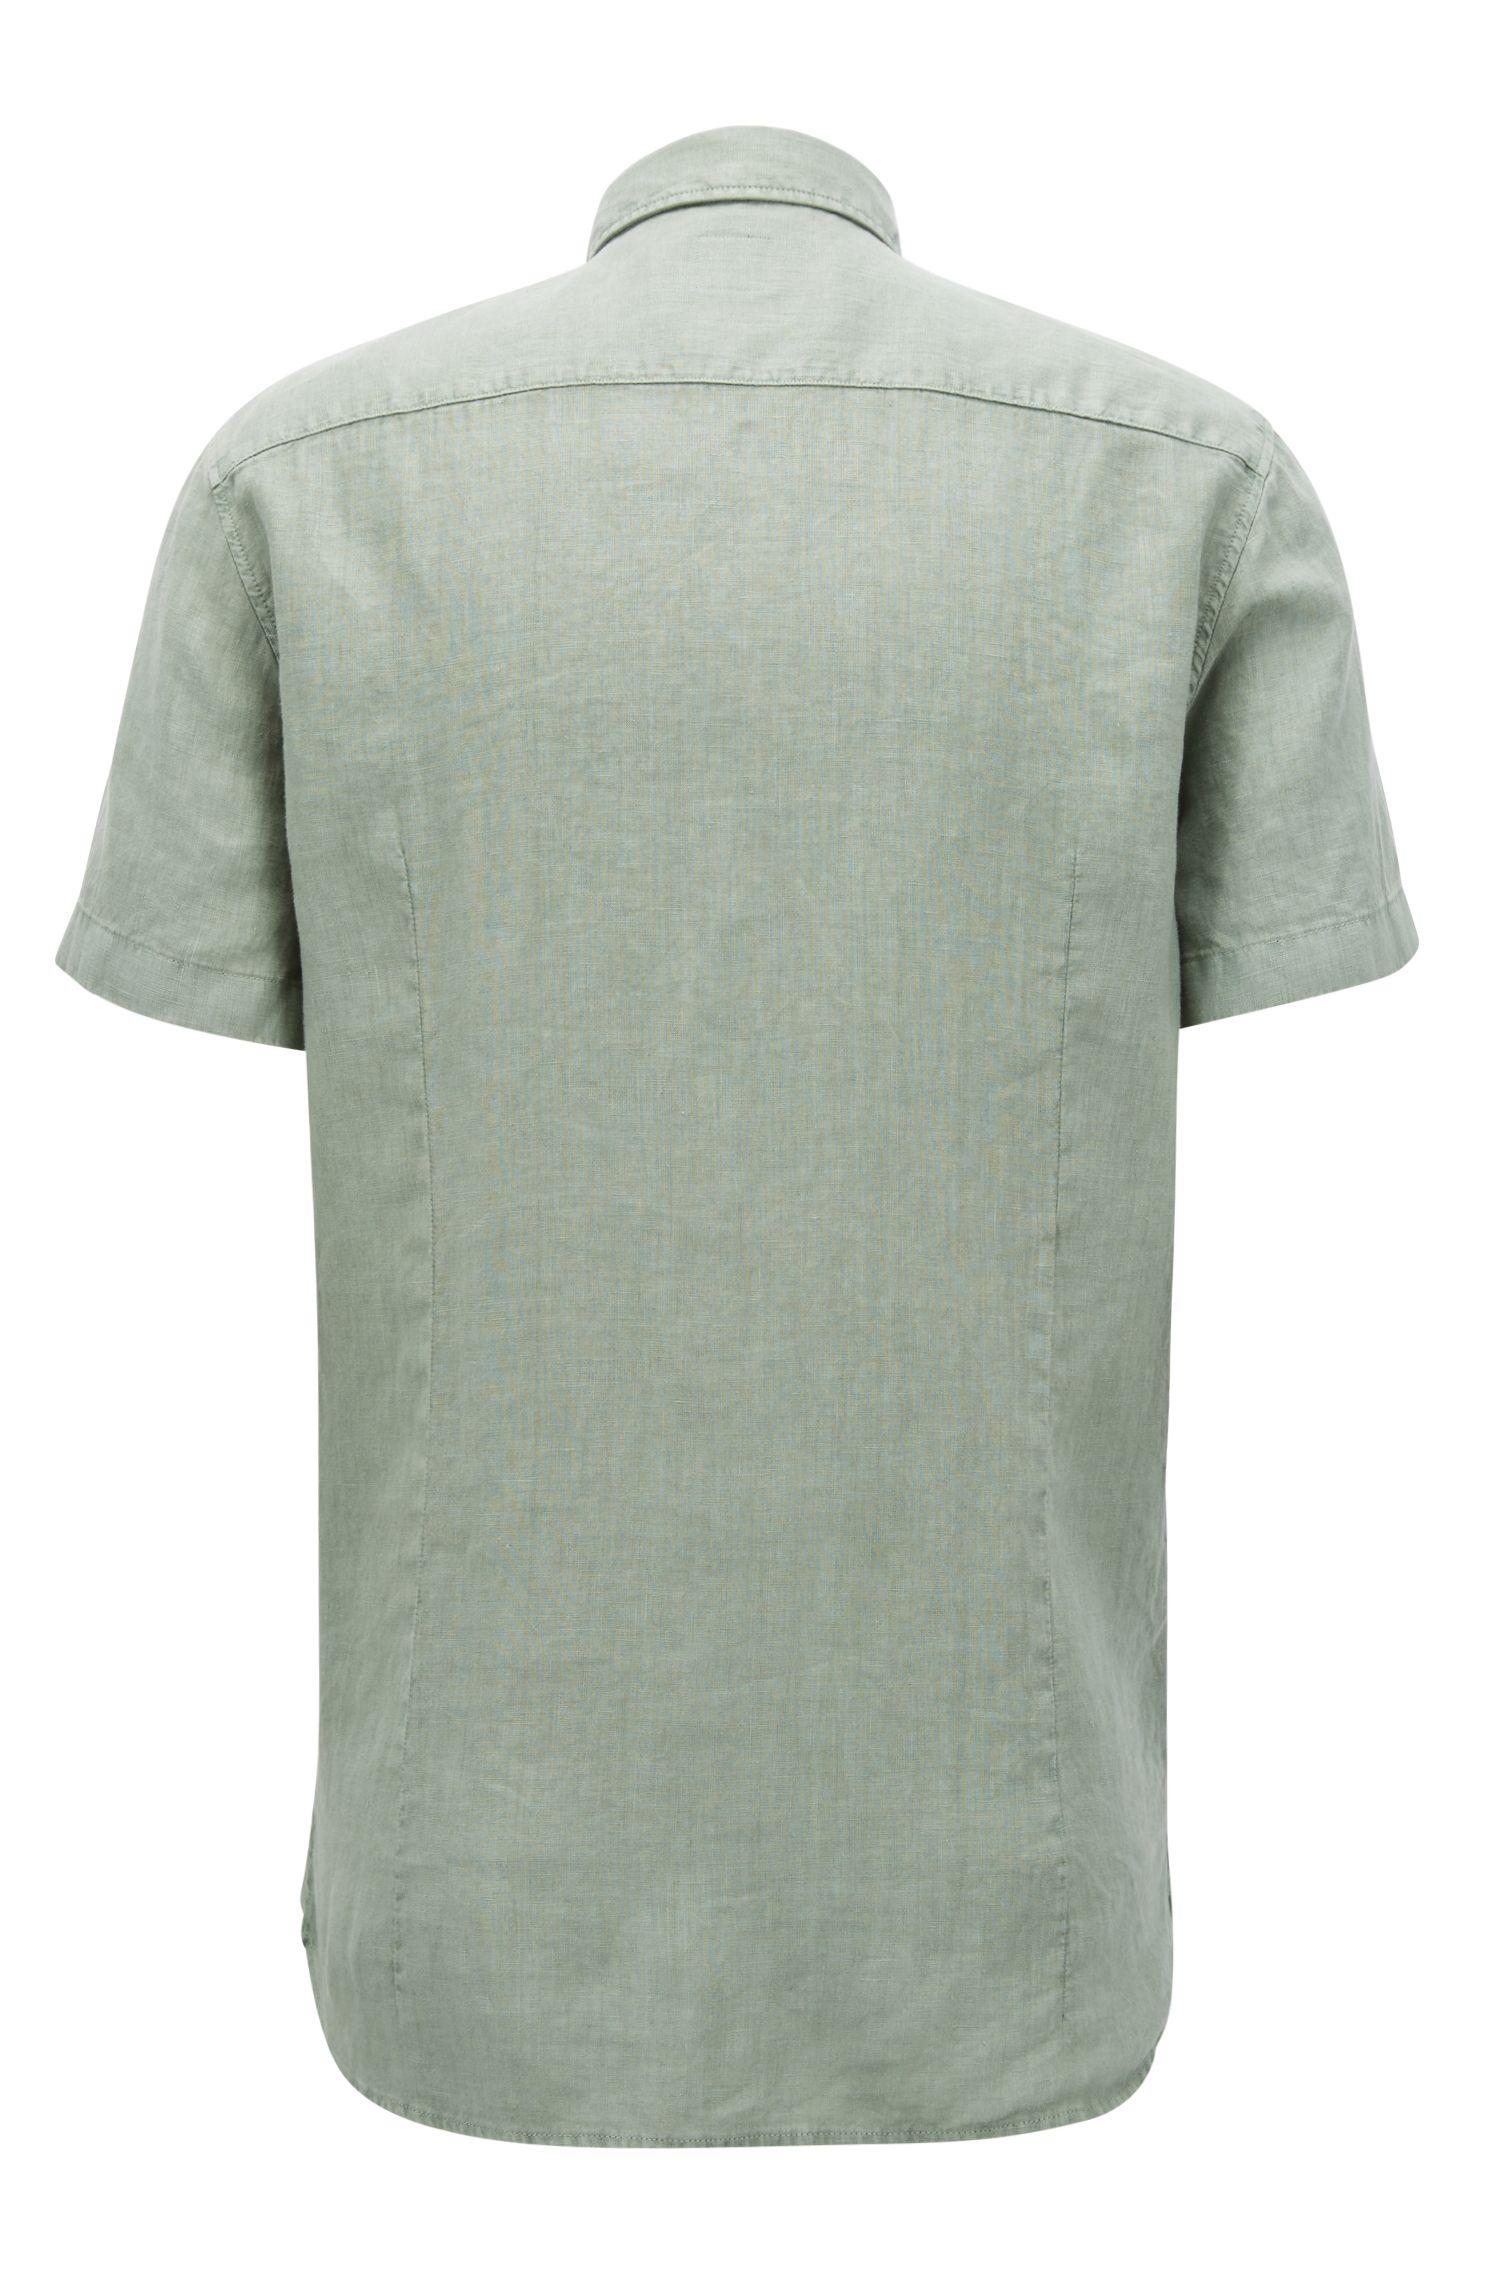 Slim-fit overhemd van linnen met pigment-dyed afwerking